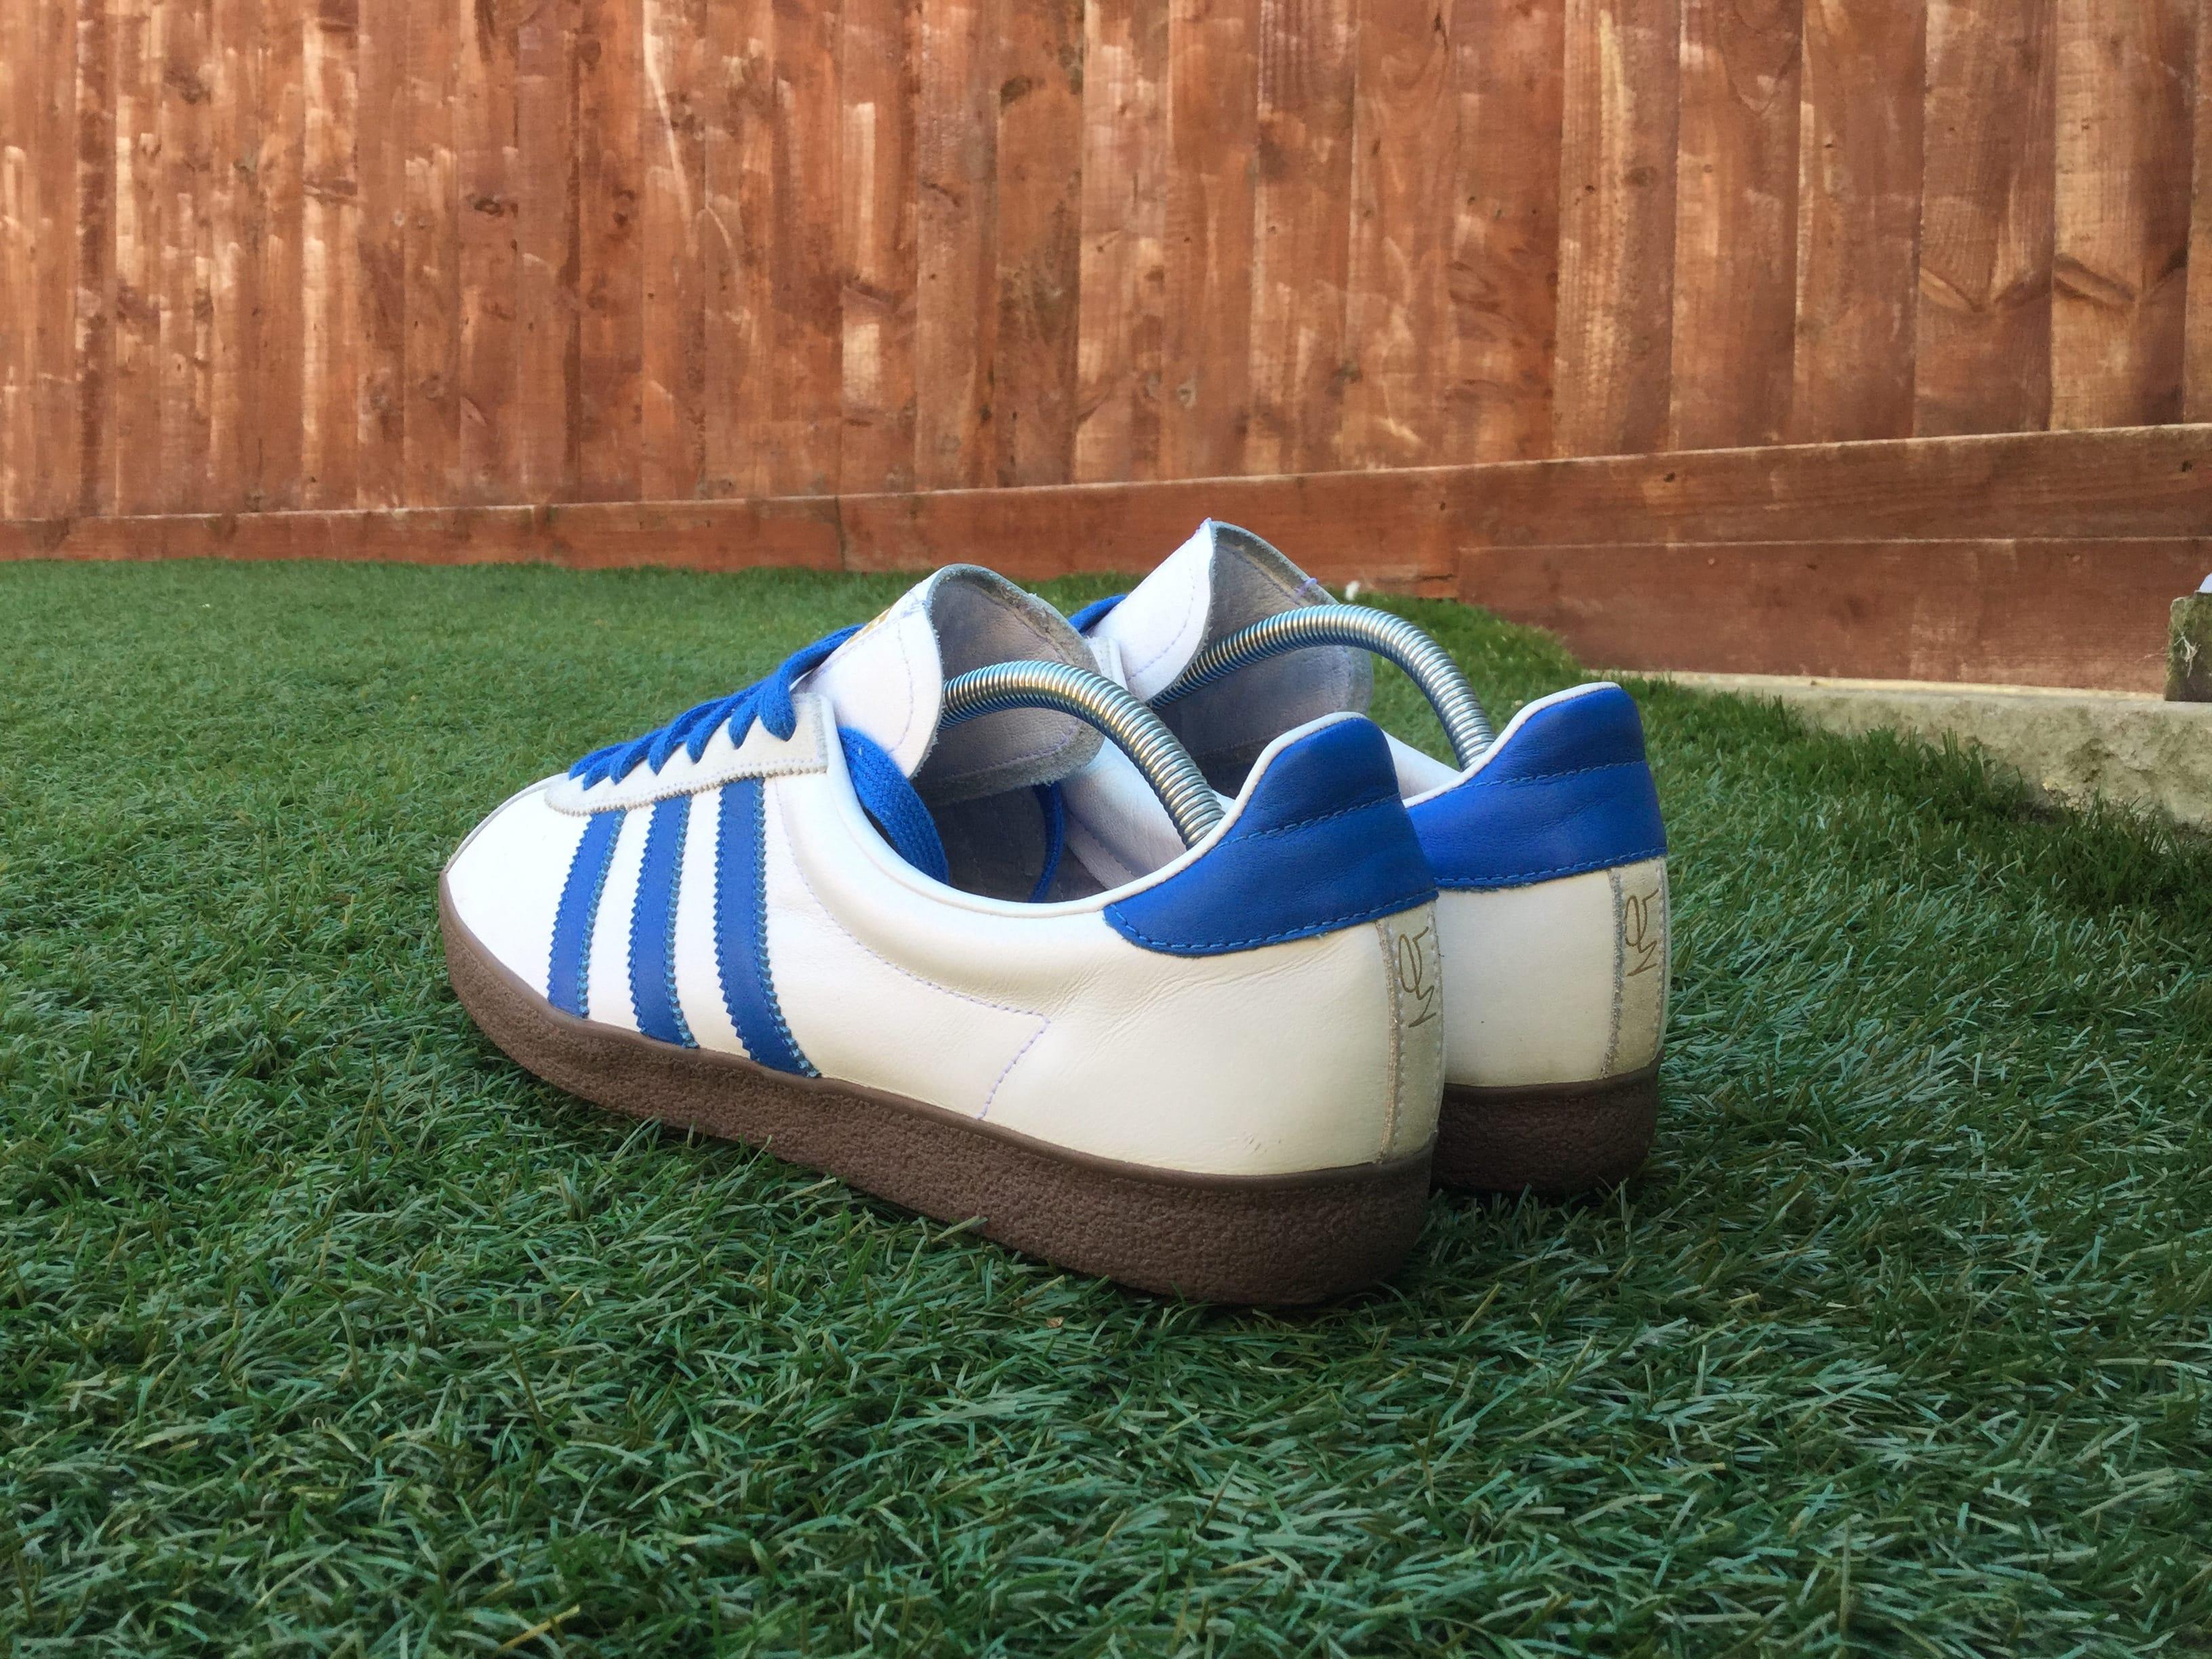 adidas Originals Training 72 'Noel Gallagher' - 2011